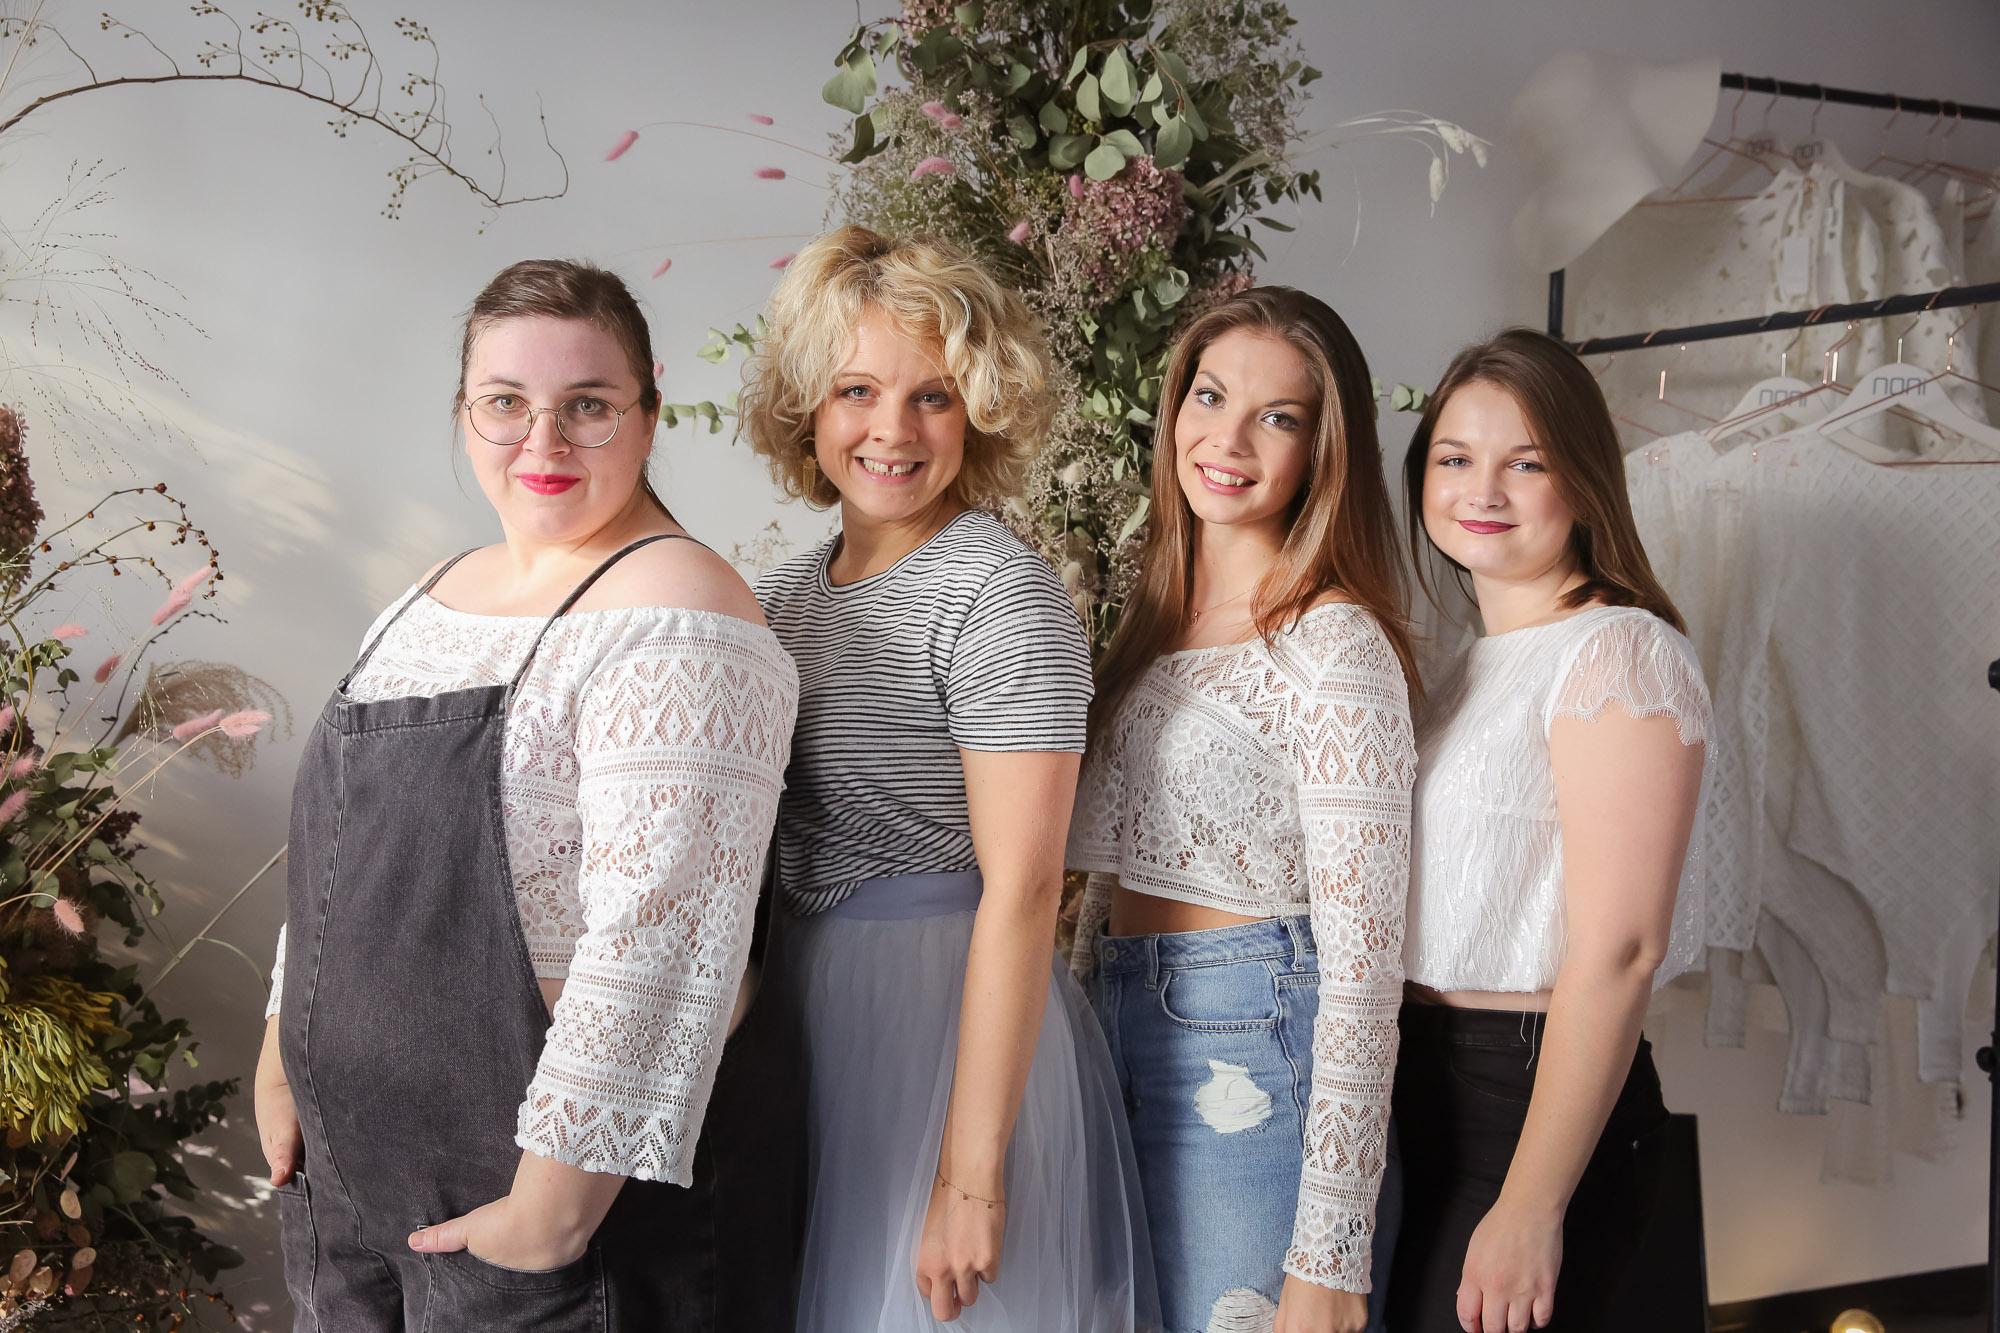 noni Brautkleider, Gruppenbild mit Brauttops und Brautröcken in Kombination mit Alltagskleidung als Style Inspiration